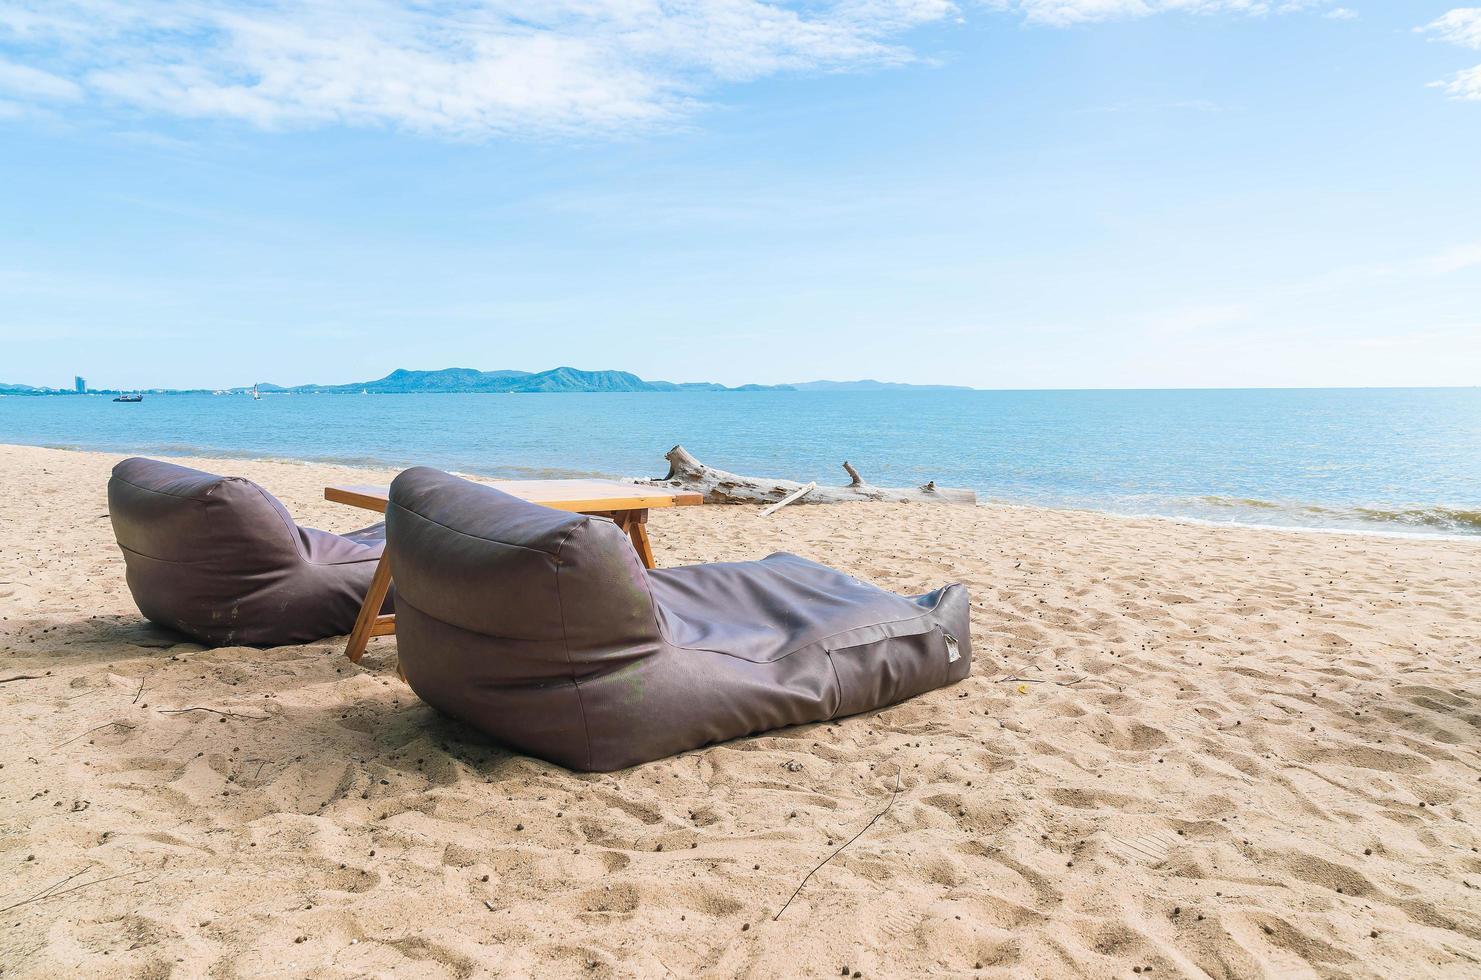 deux sacs de haricots sur une plage photo